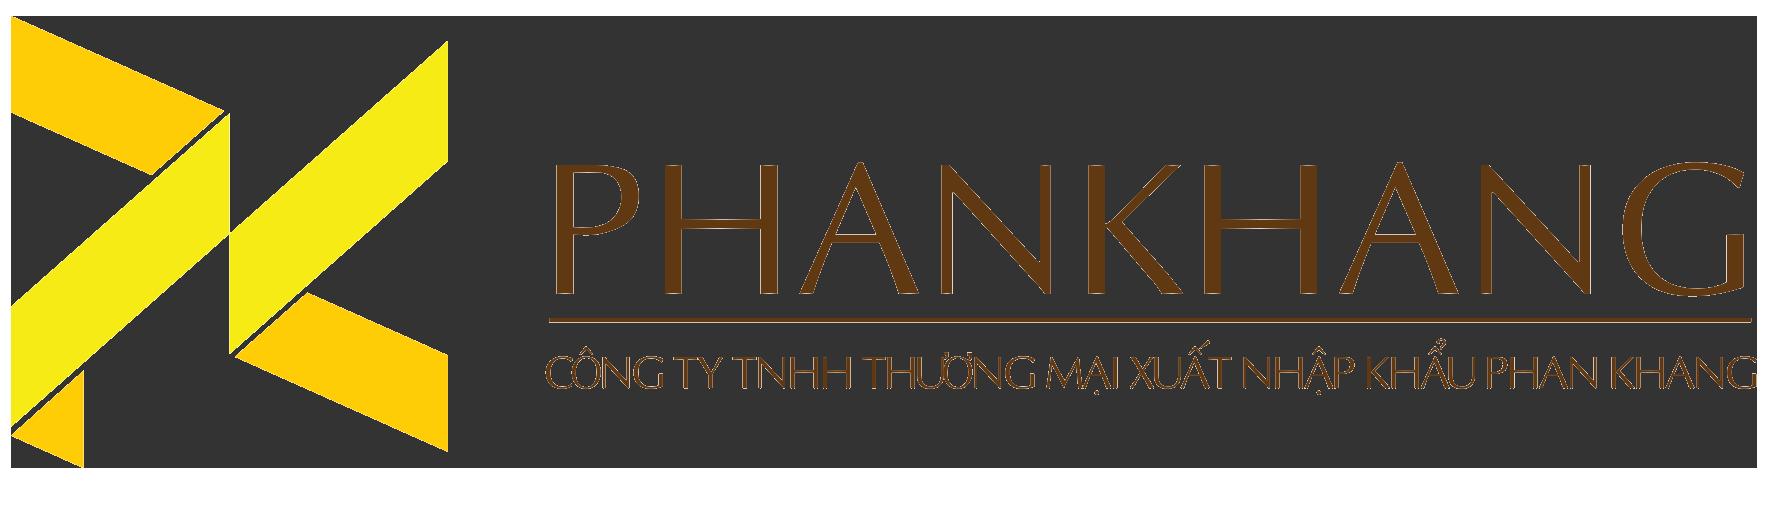 Công ty TNHH TM XNK PHAN KHANG